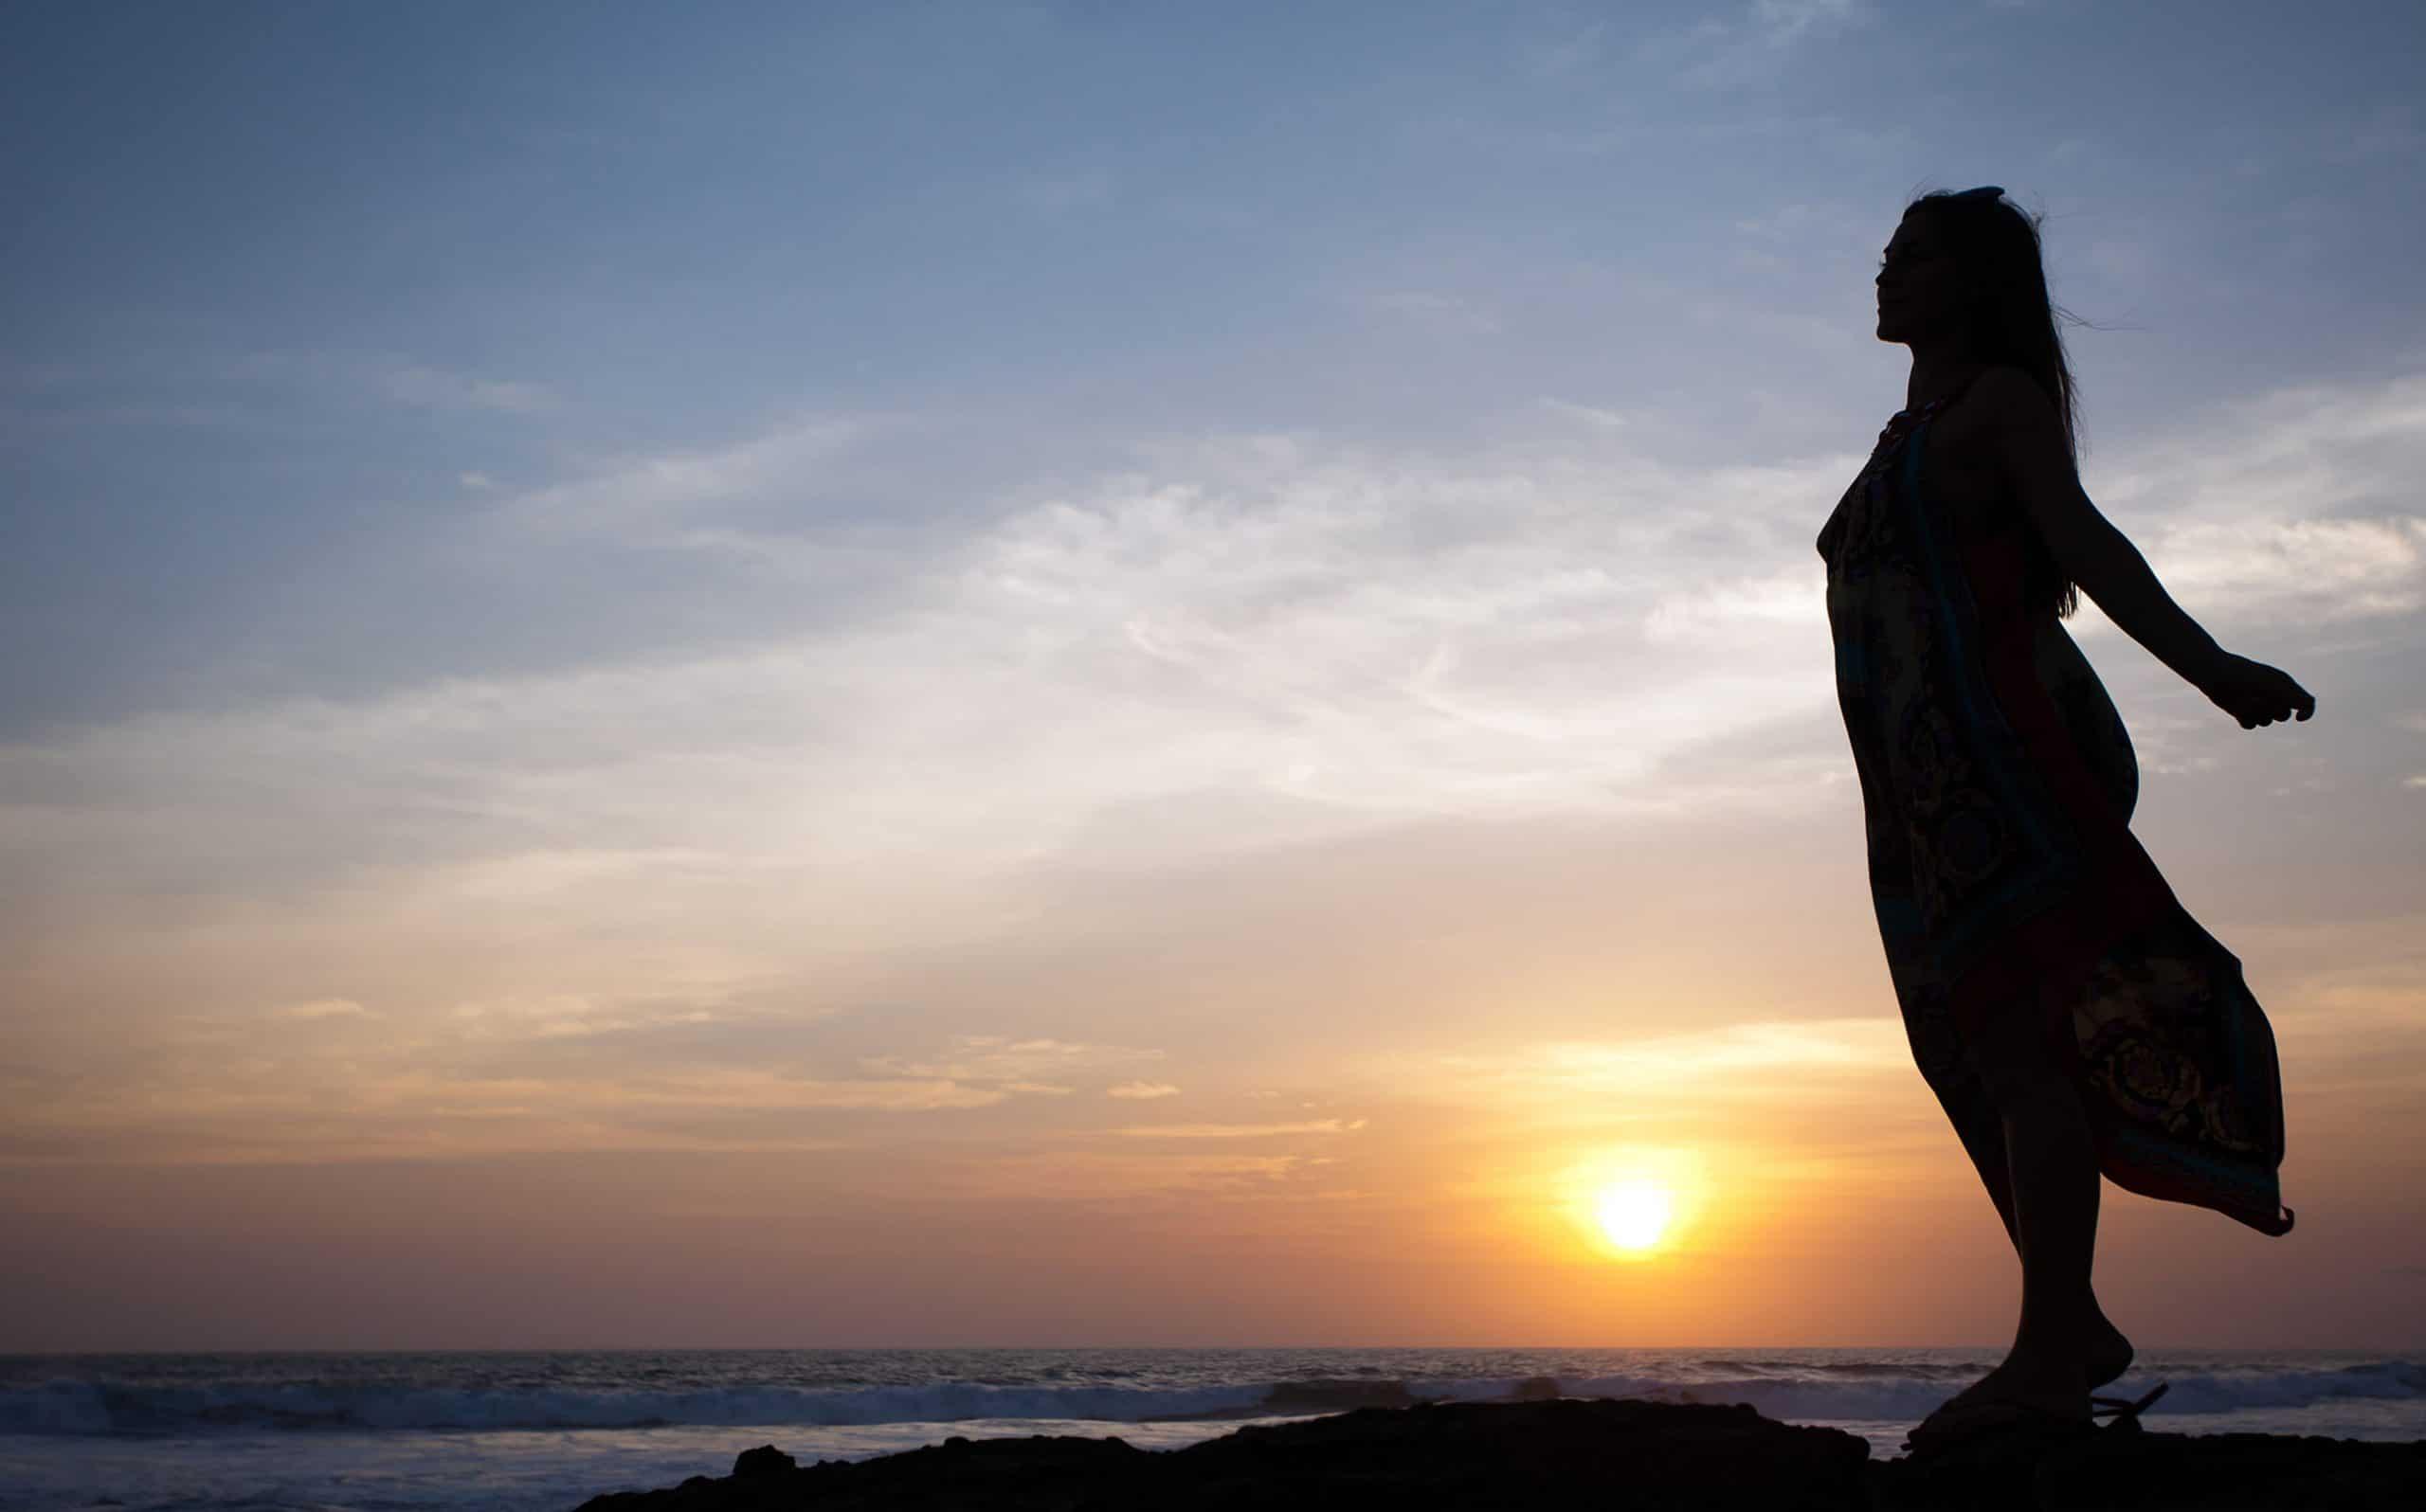 Silhueta de mulher com cabelos soltos ao vento em uma praia observando o pôr do sol.